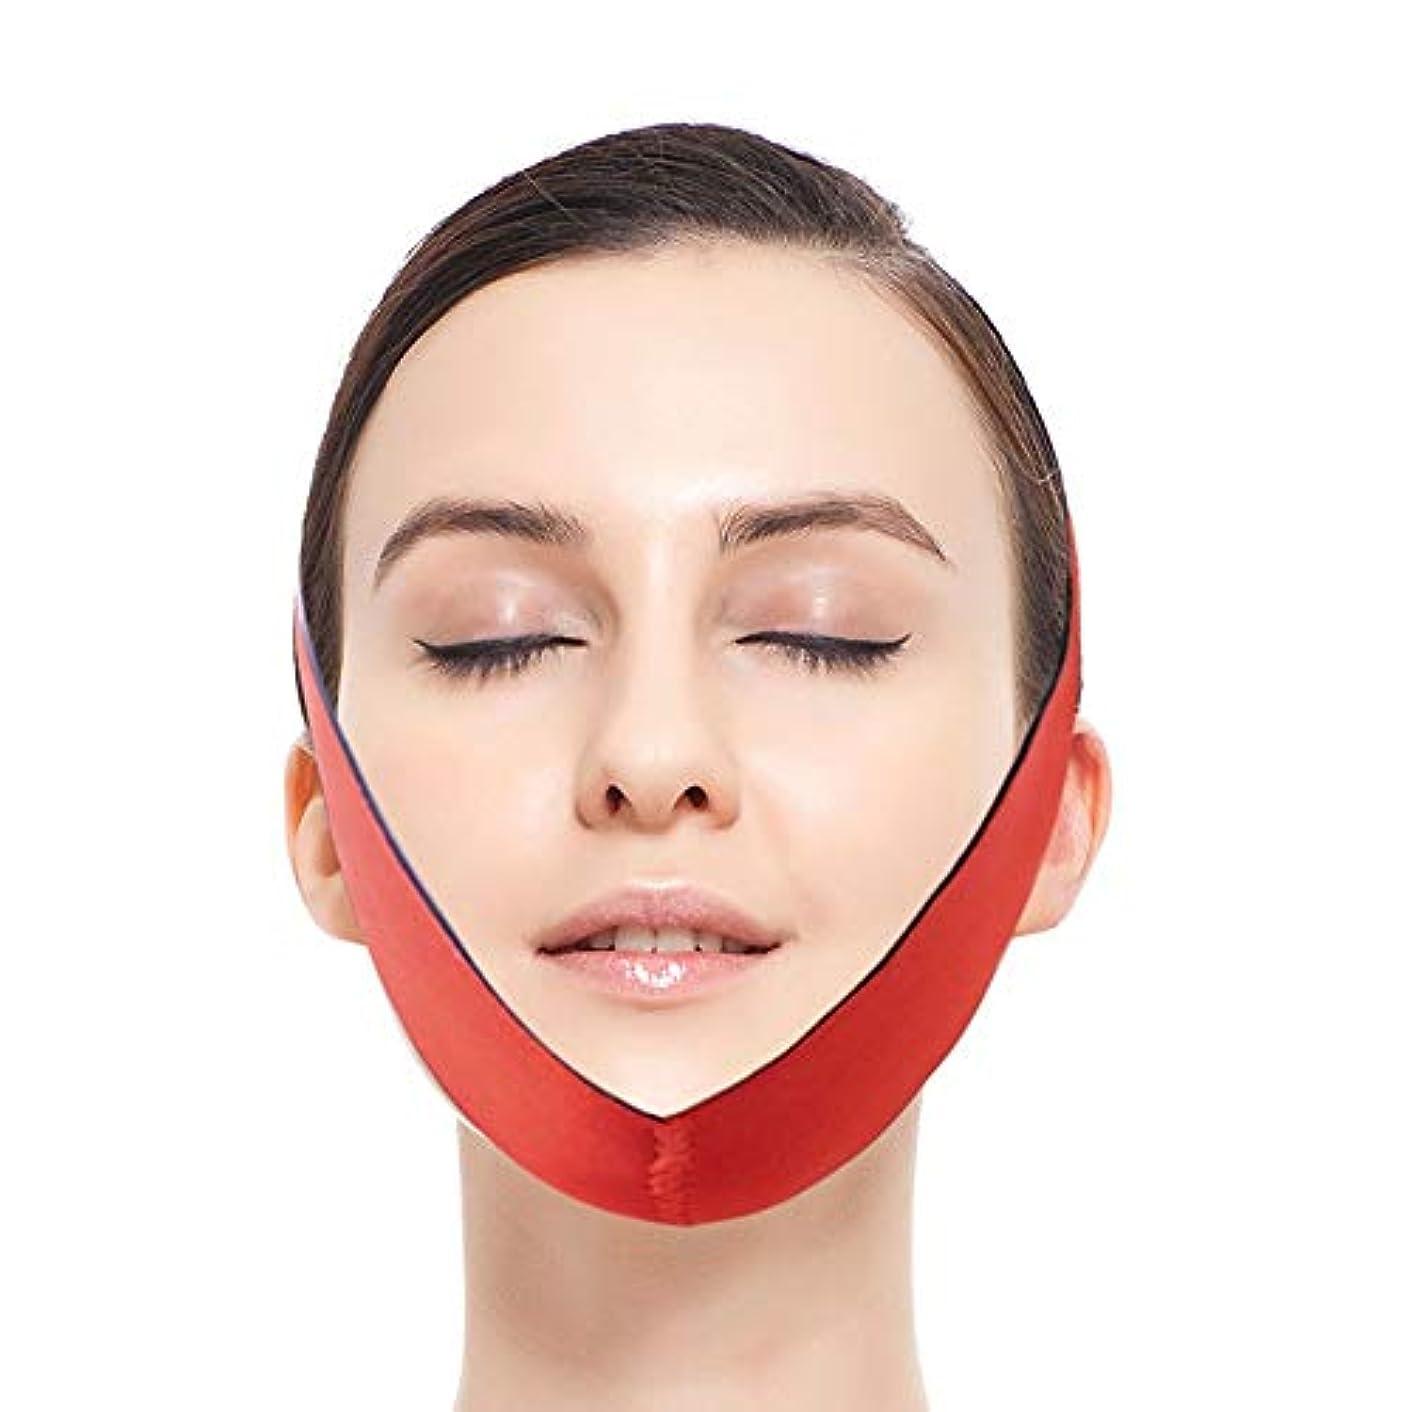 そよ風ワークショップインゲンJia Jia- フェイスリフティングアーティファクトVフェイス包帯マスクダブルあご引き締め顔薄い咬傷筋肉下顎矯正顔 顔面包帯